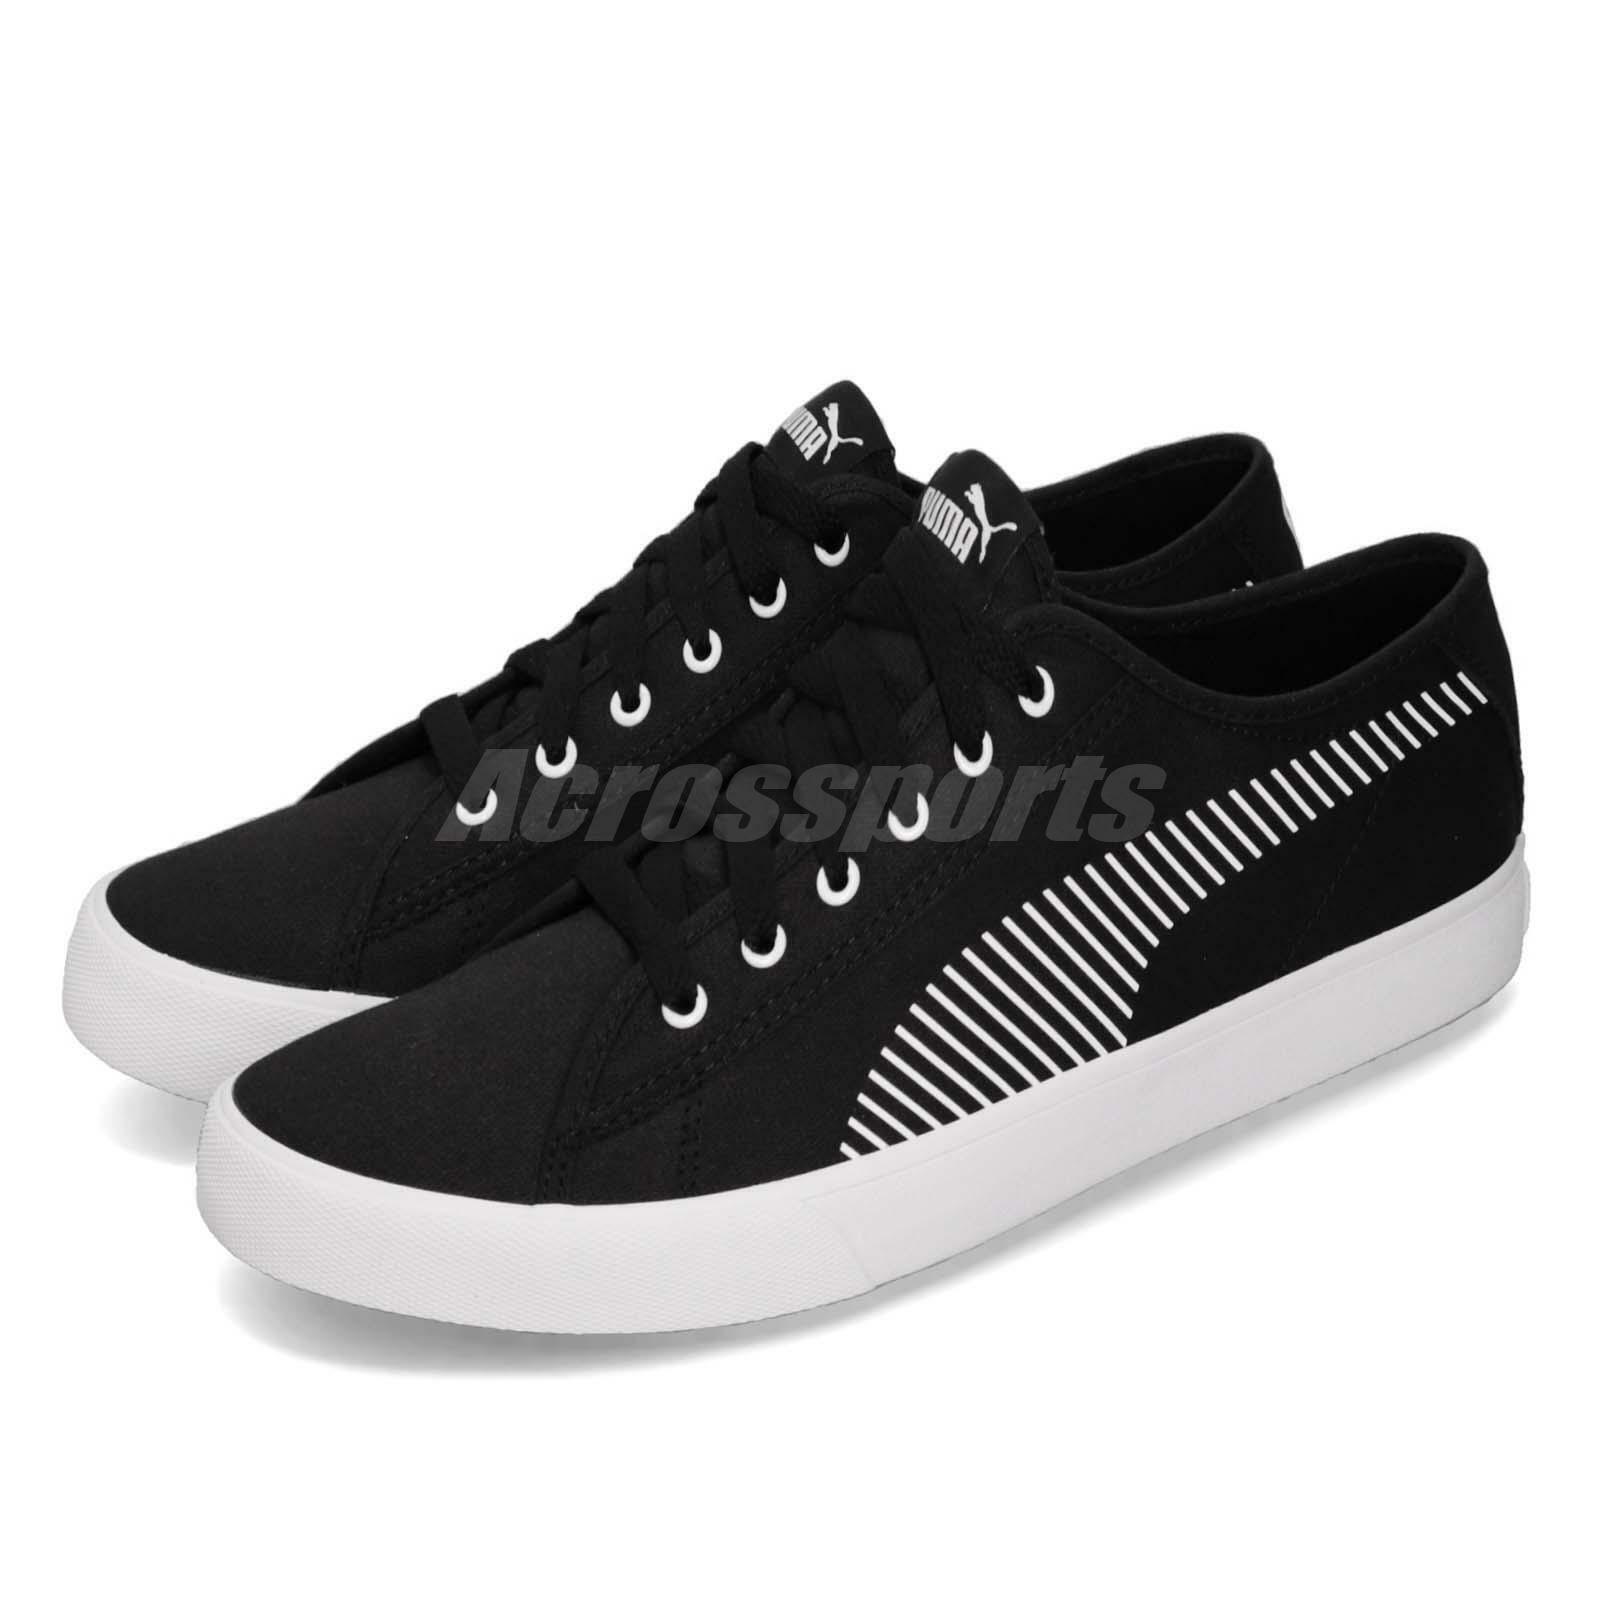 Puma Bari negro blanco Gum Men mujer Unisex Casual zapatos zapatillas 369116-01